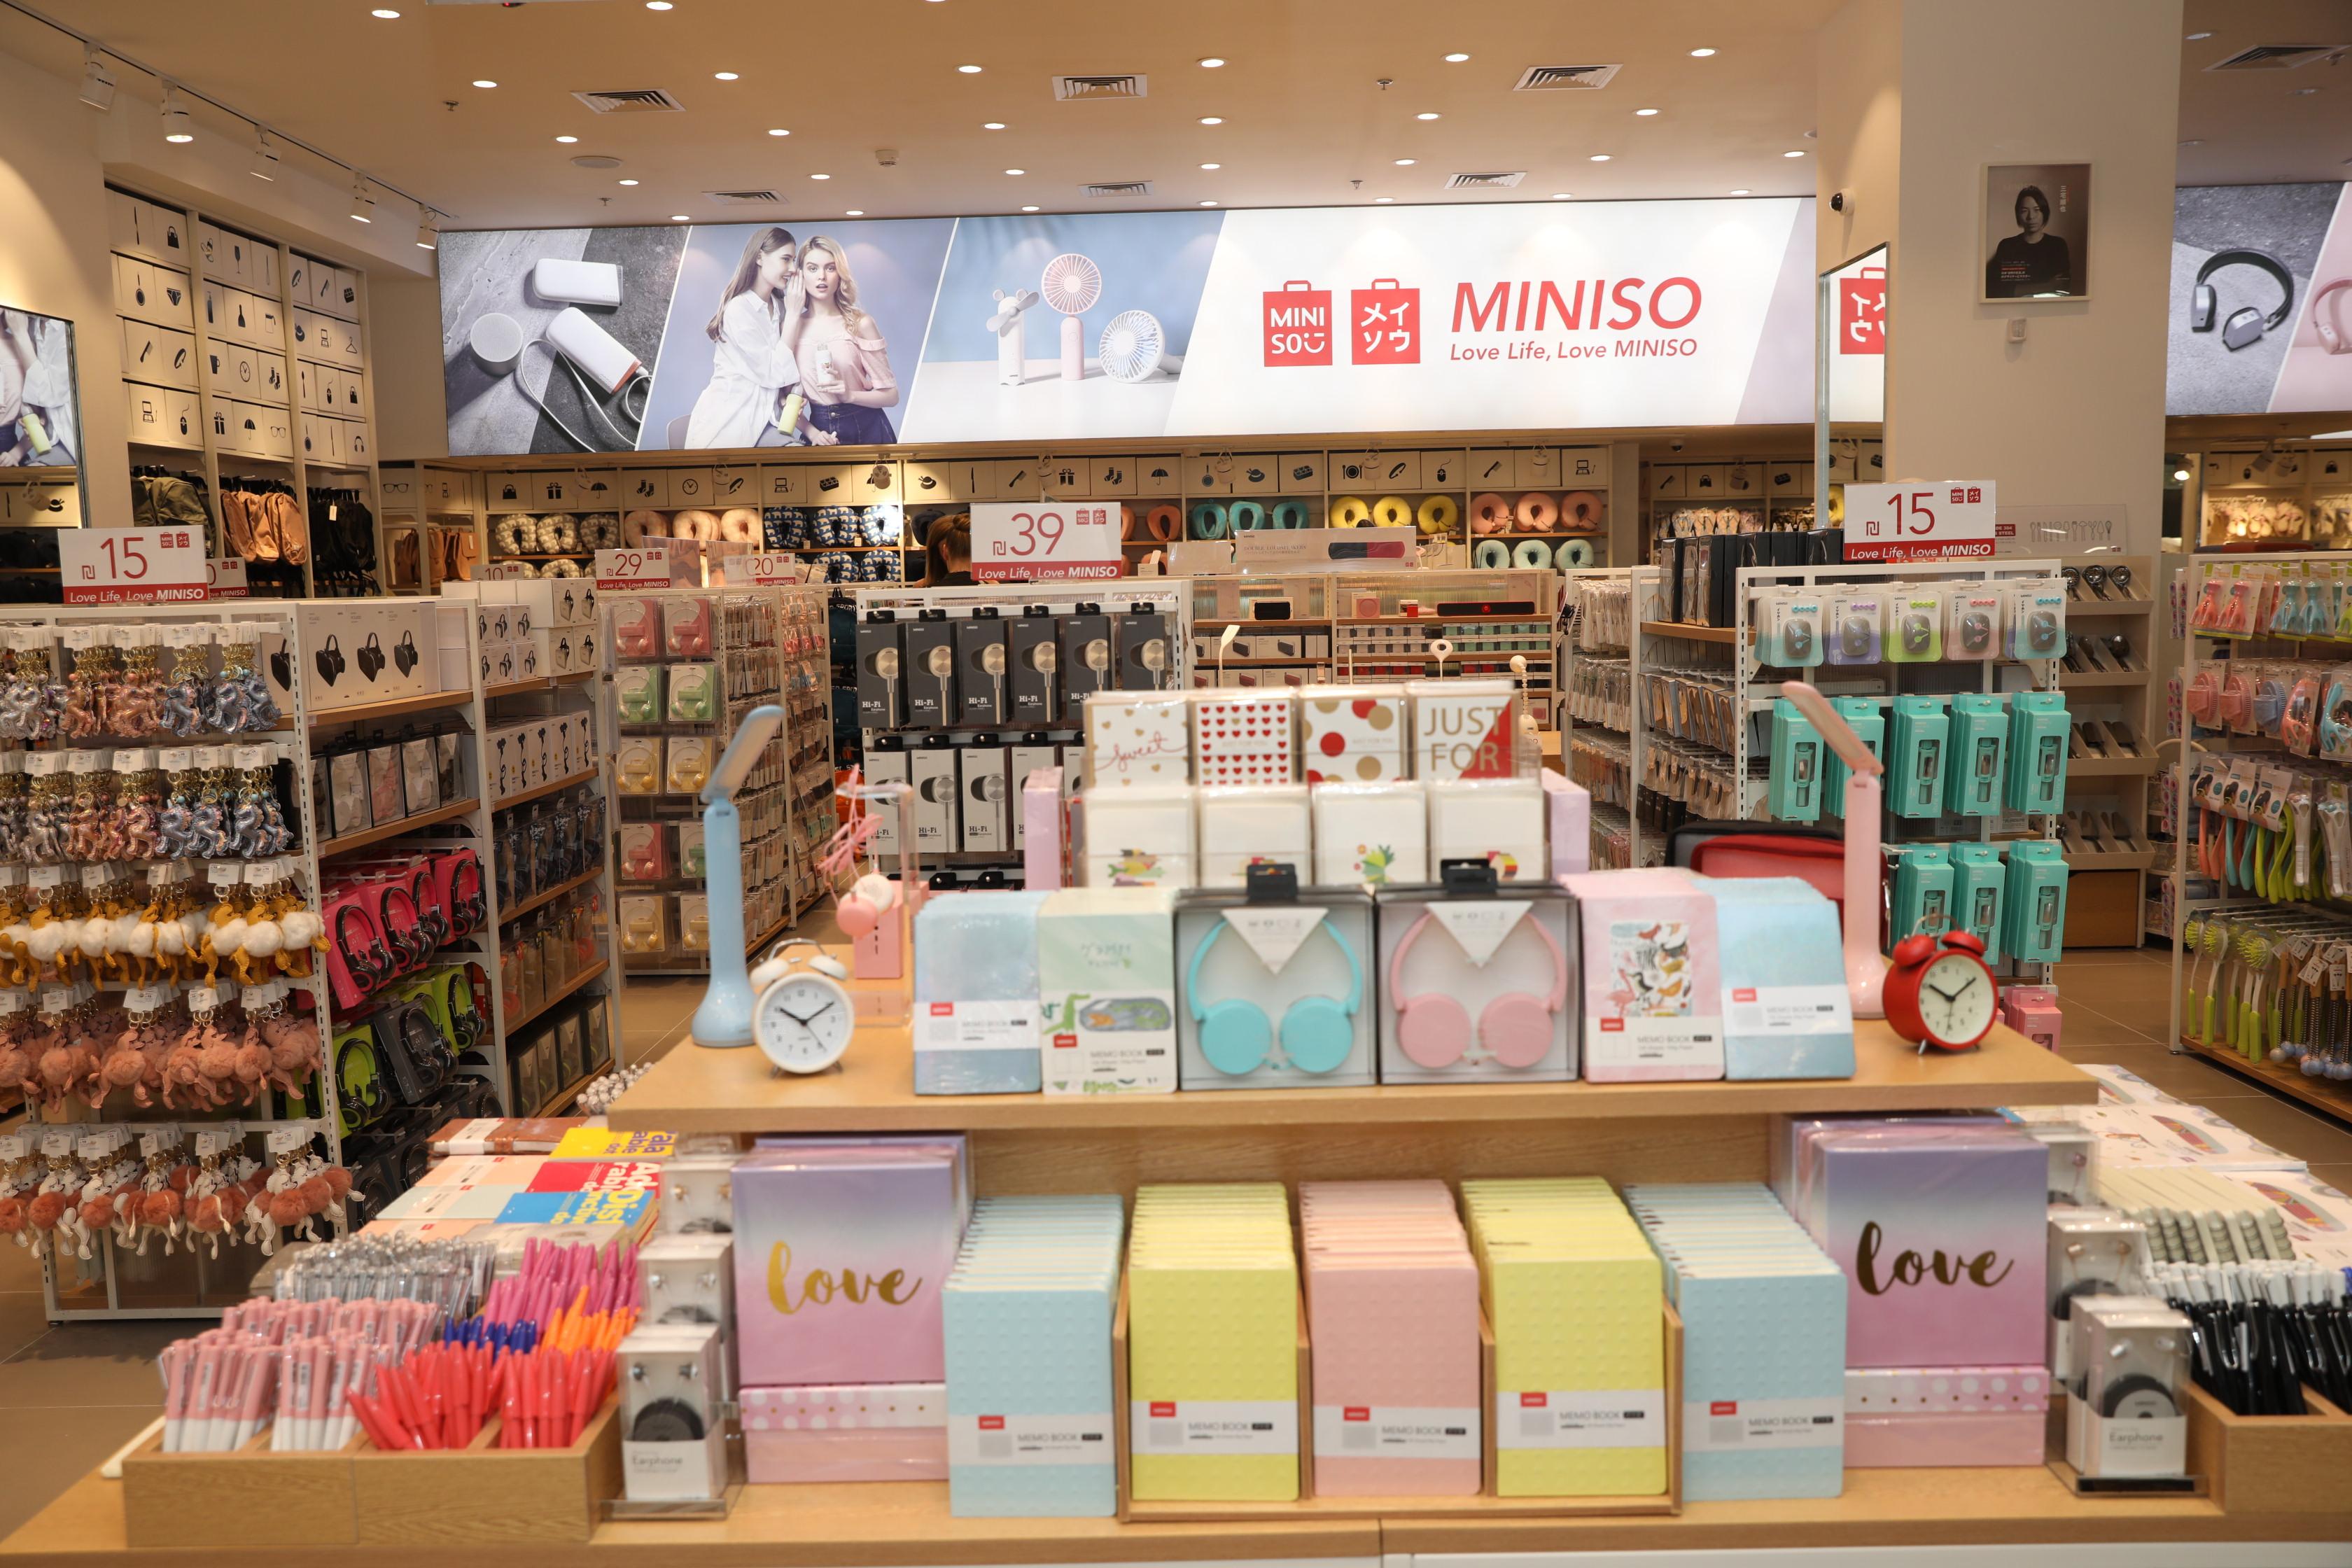 חנות מיניסו הראשונה בישראל נפתחה בקניון עזריאלי תל-אביב